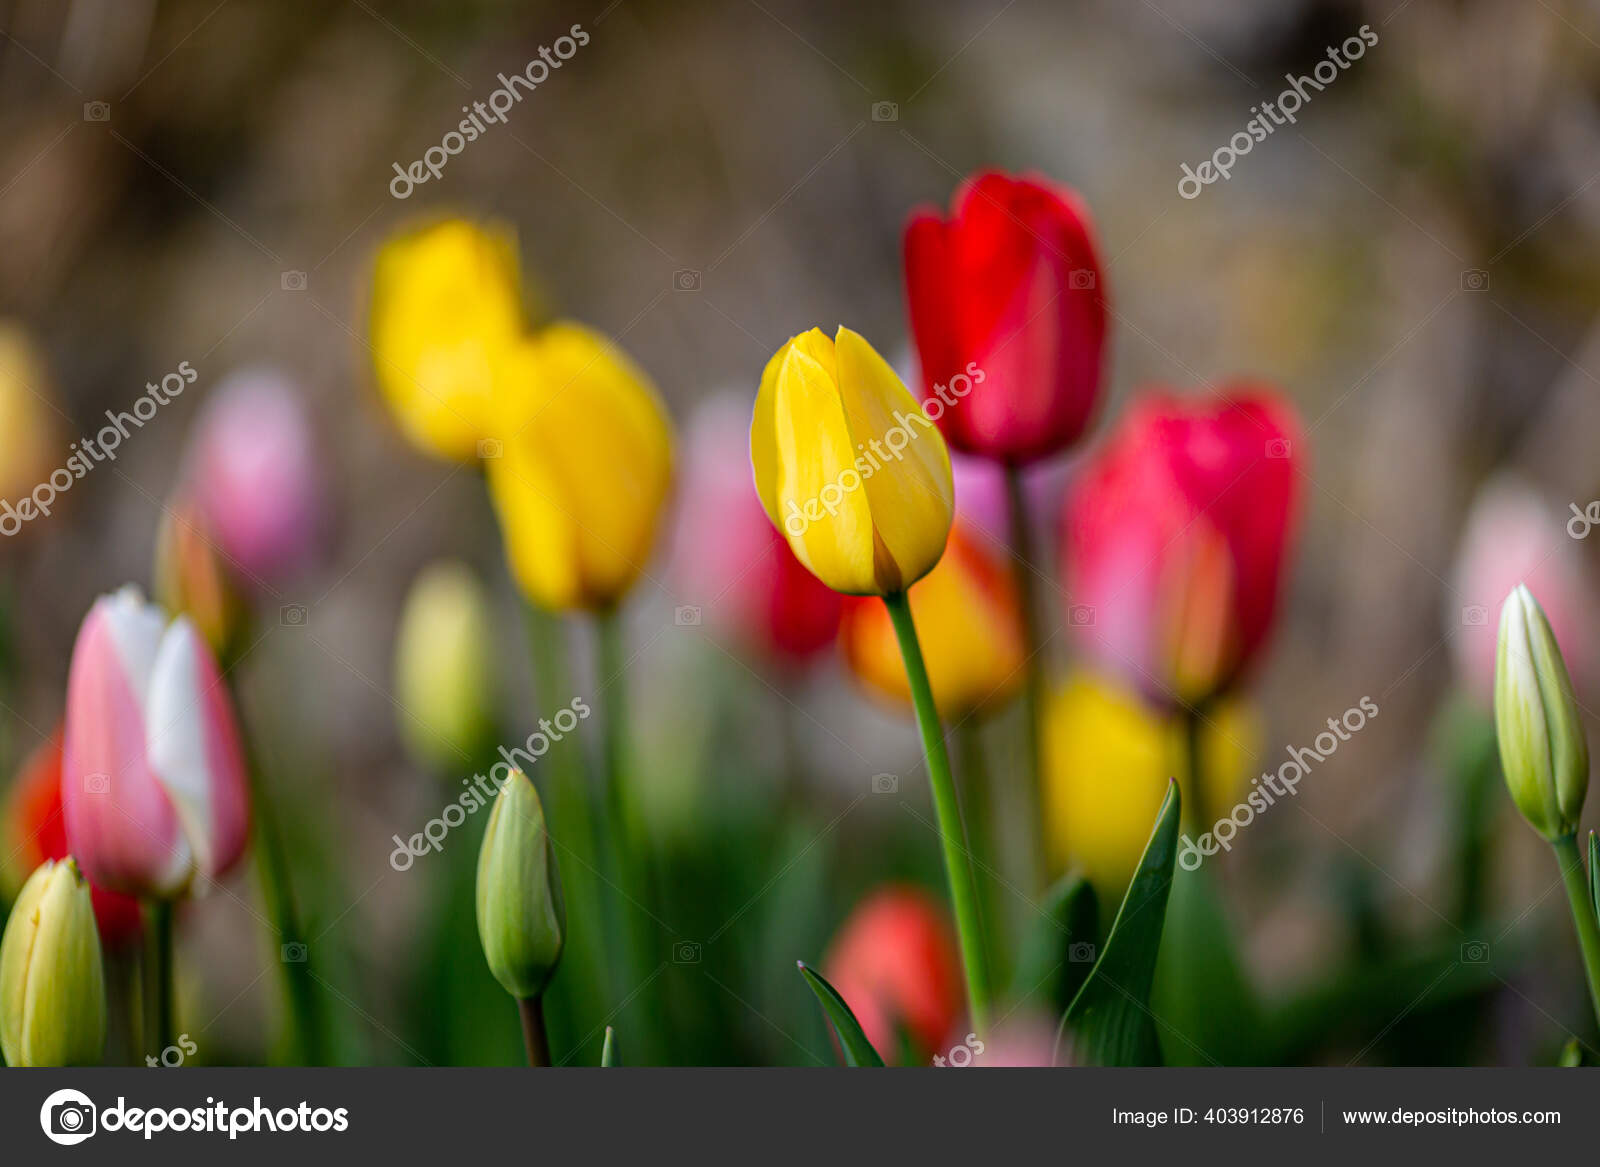 Sebuah Bunga Tulip Berwarna Warni Dengan Kedalaman Bidang Yang Dangkal Stok Foto C Lemanieh 403912876